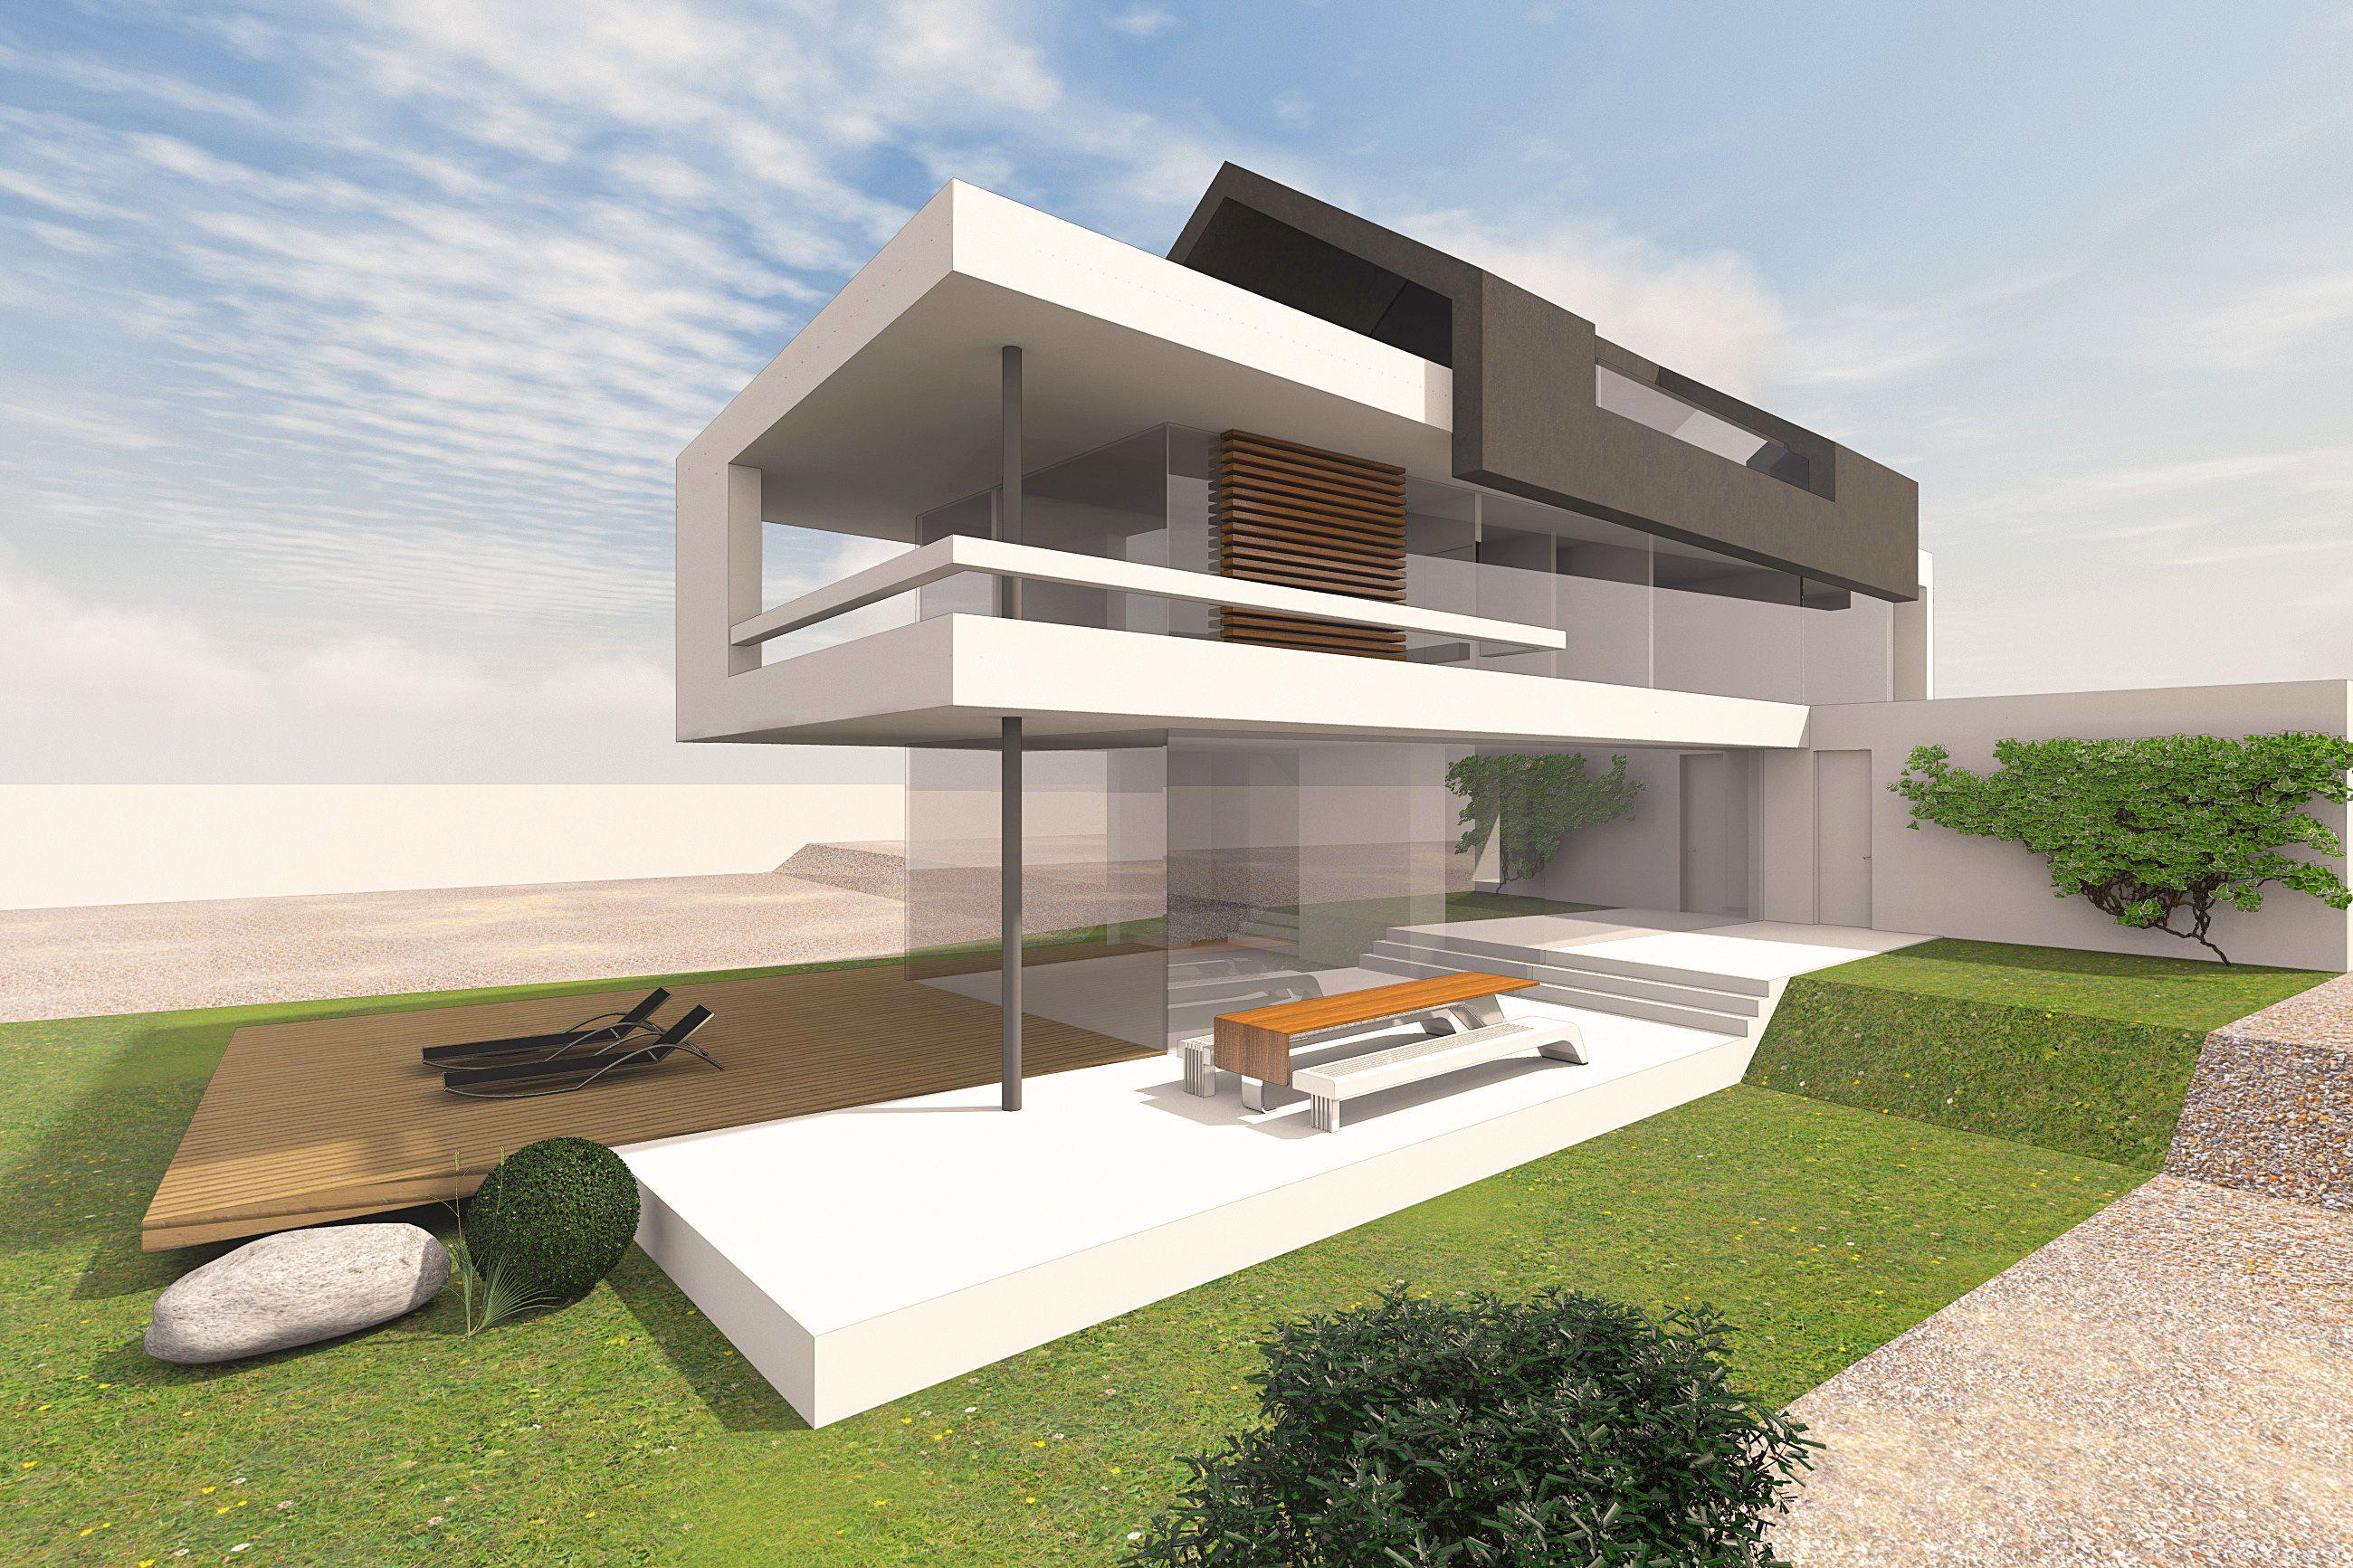 modernes wohnhaus mit satteldach entwurf f r ein schmales grundst ck mit konservativem b plan. Black Bedroom Furniture Sets. Home Design Ideas